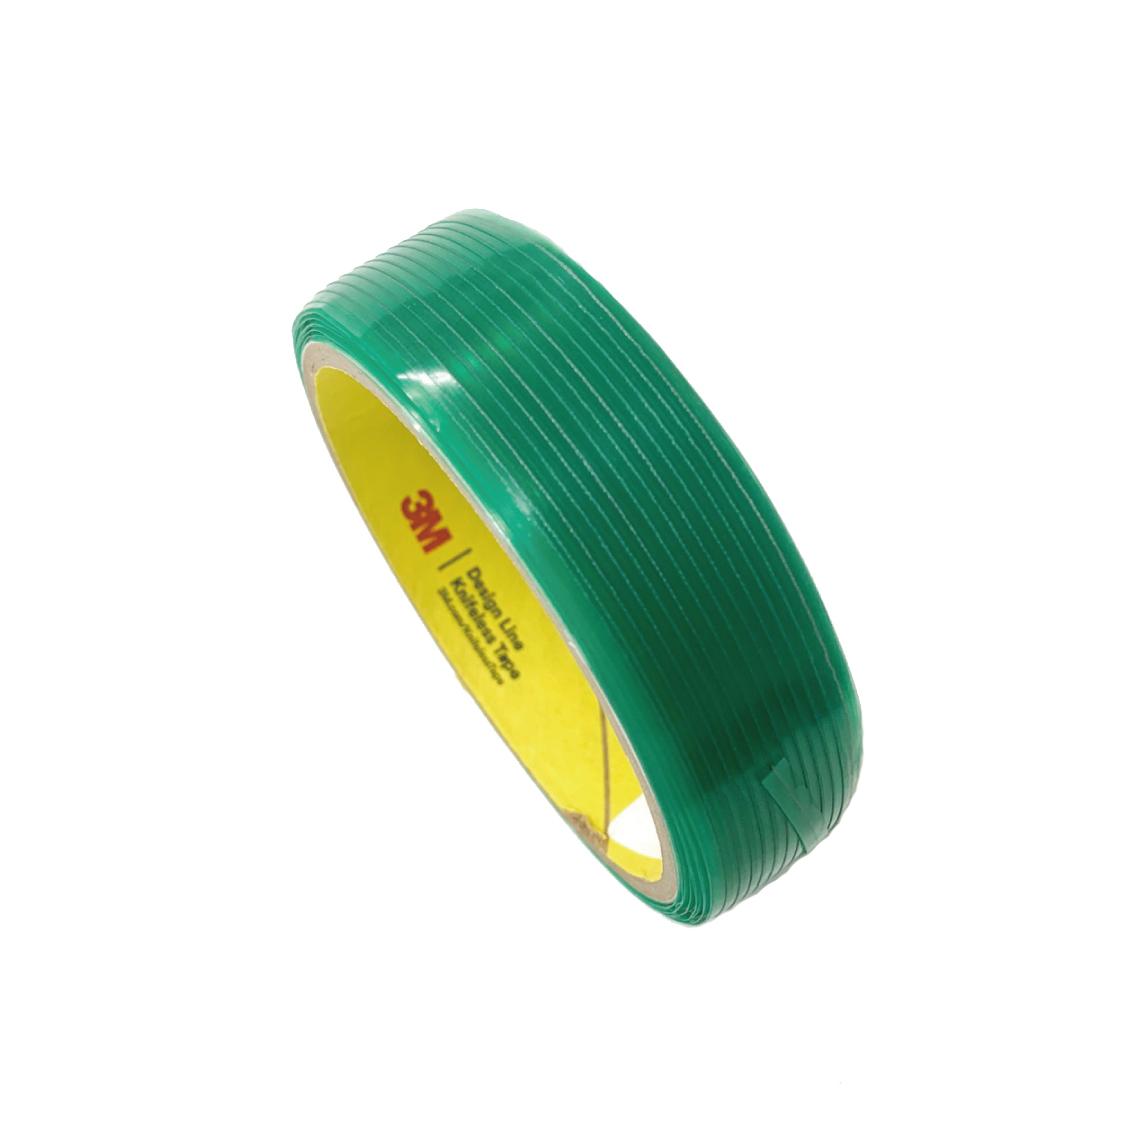 3M ナイフレステープ デザインライン